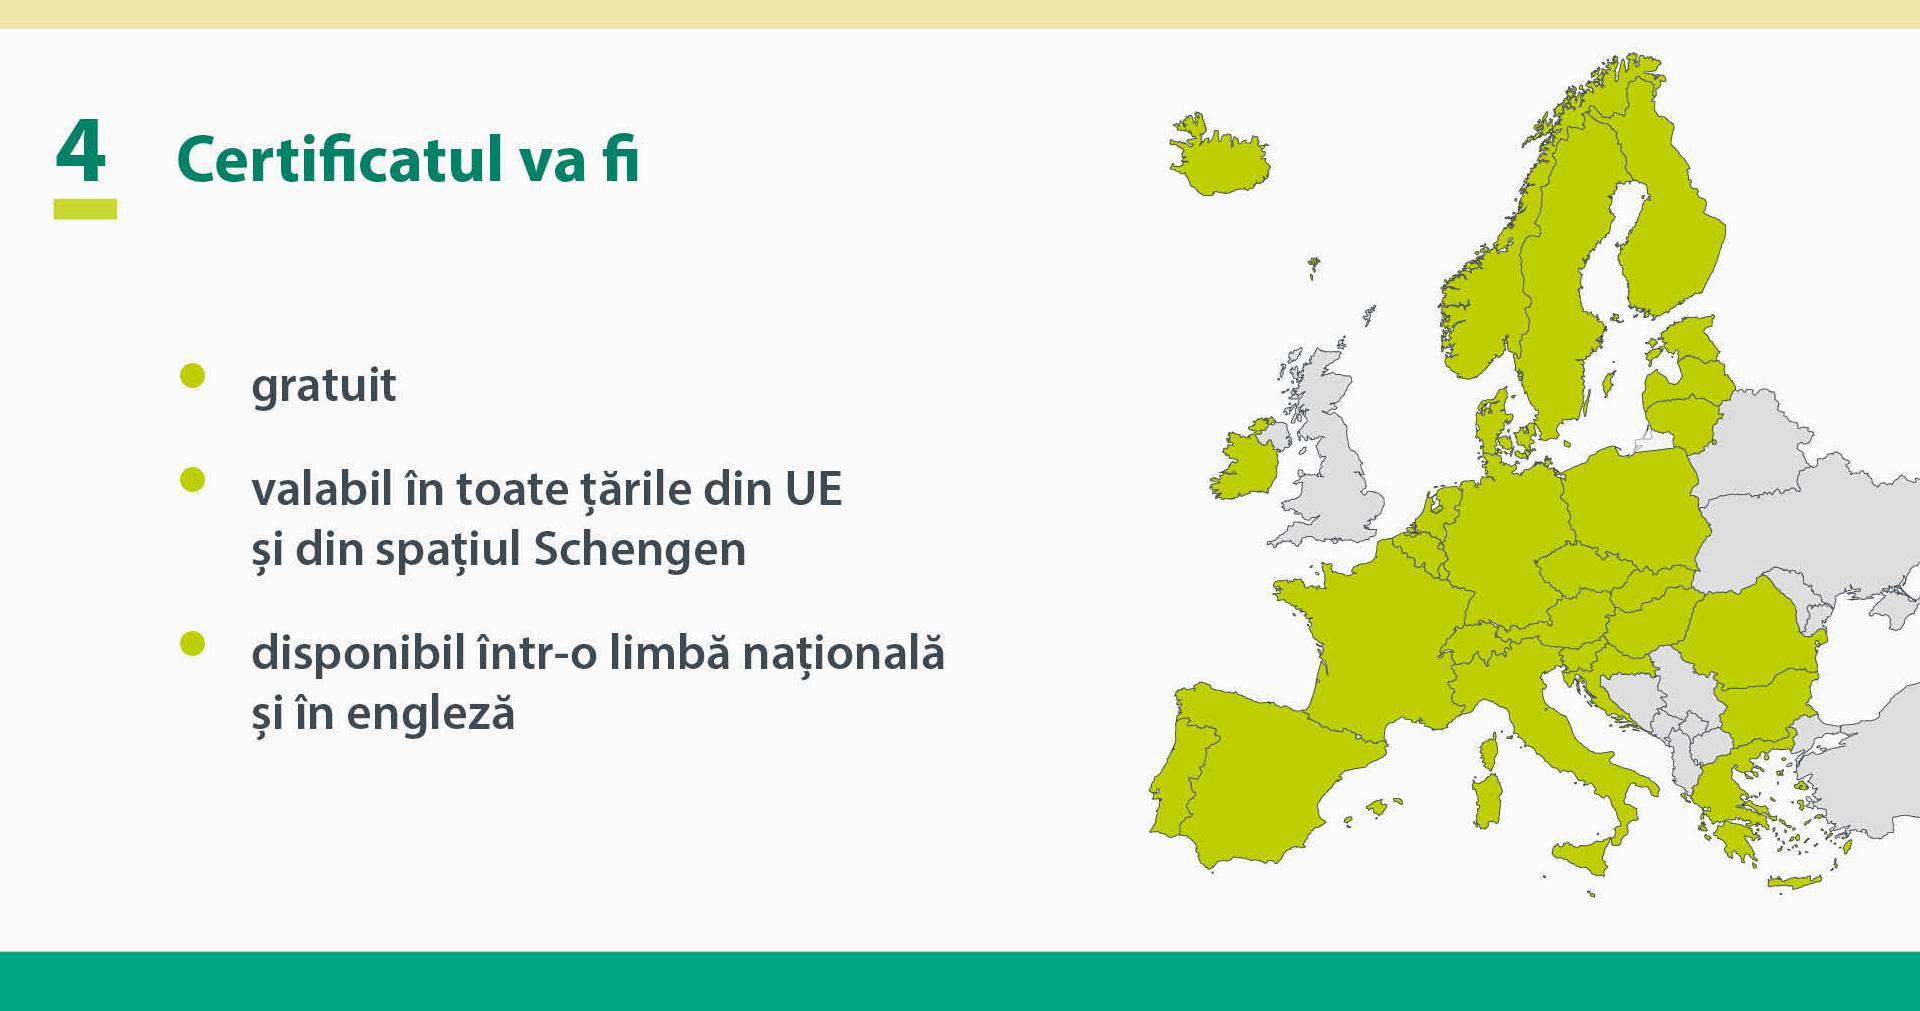 Certificatul digital al UE a fost aprobat oficial și se va aplica de la 1 iulie